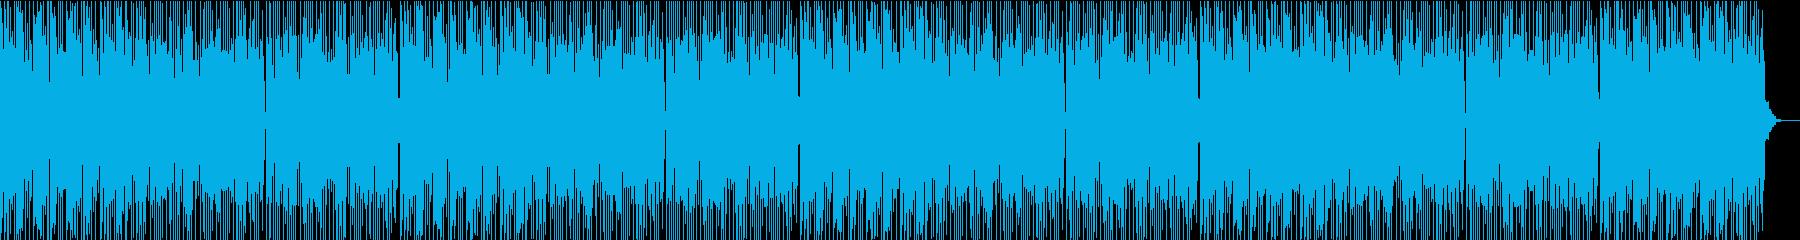 おまぬけコミカル/イントロ16秒の再生済みの波形